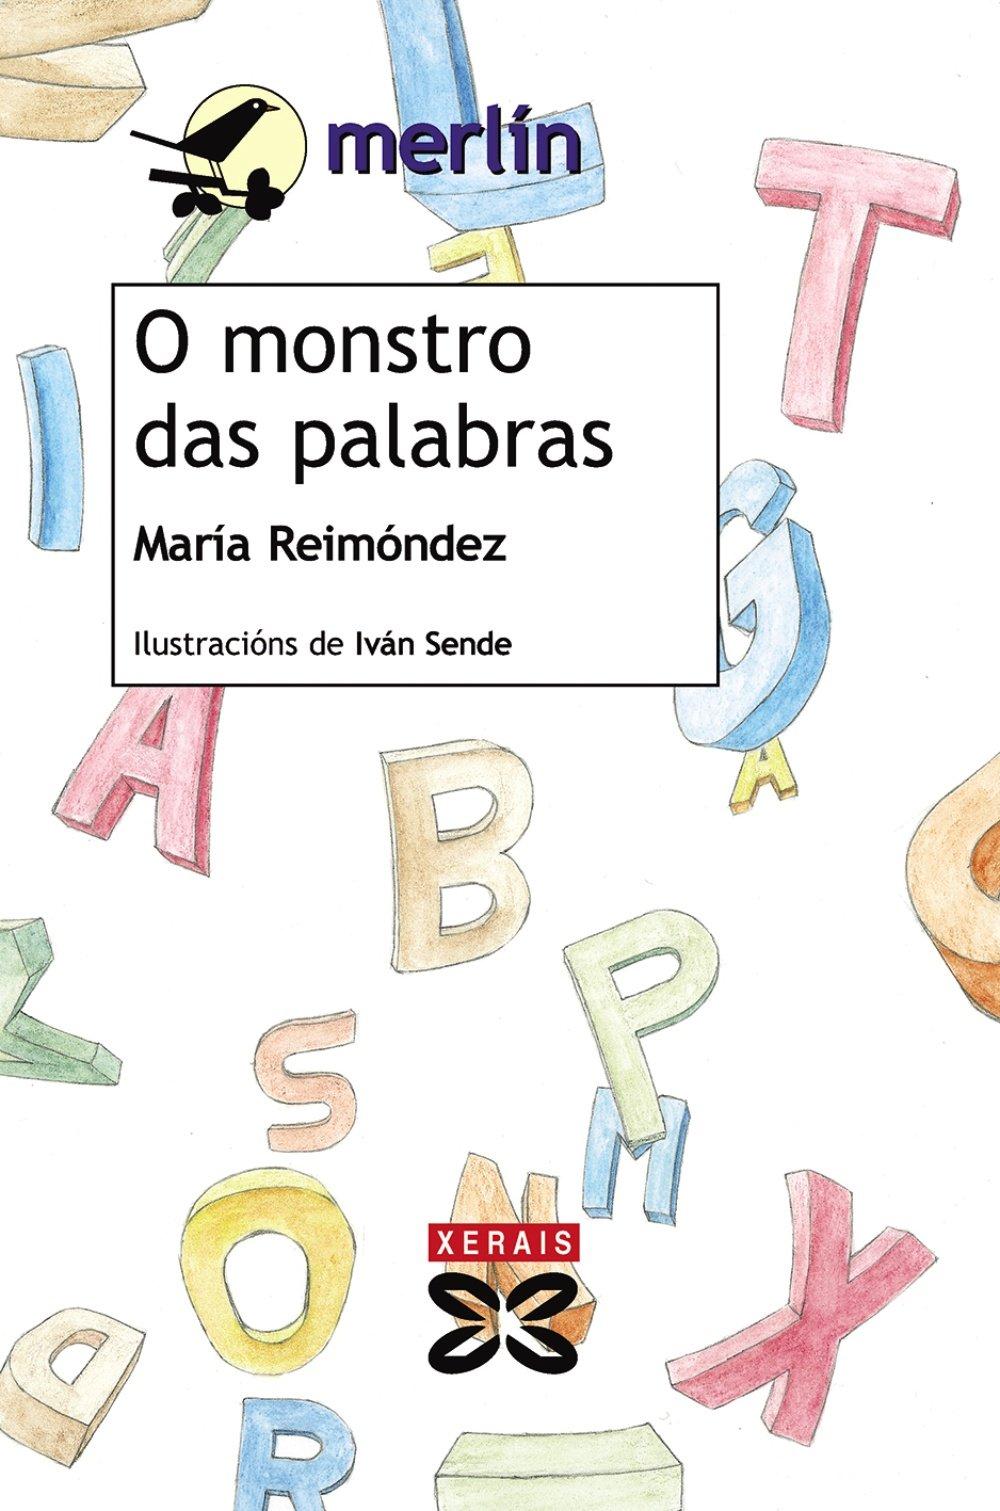 O monstro das palabras (Infantil E Xuvenil - Merlín - De 11 Anos En Diante)